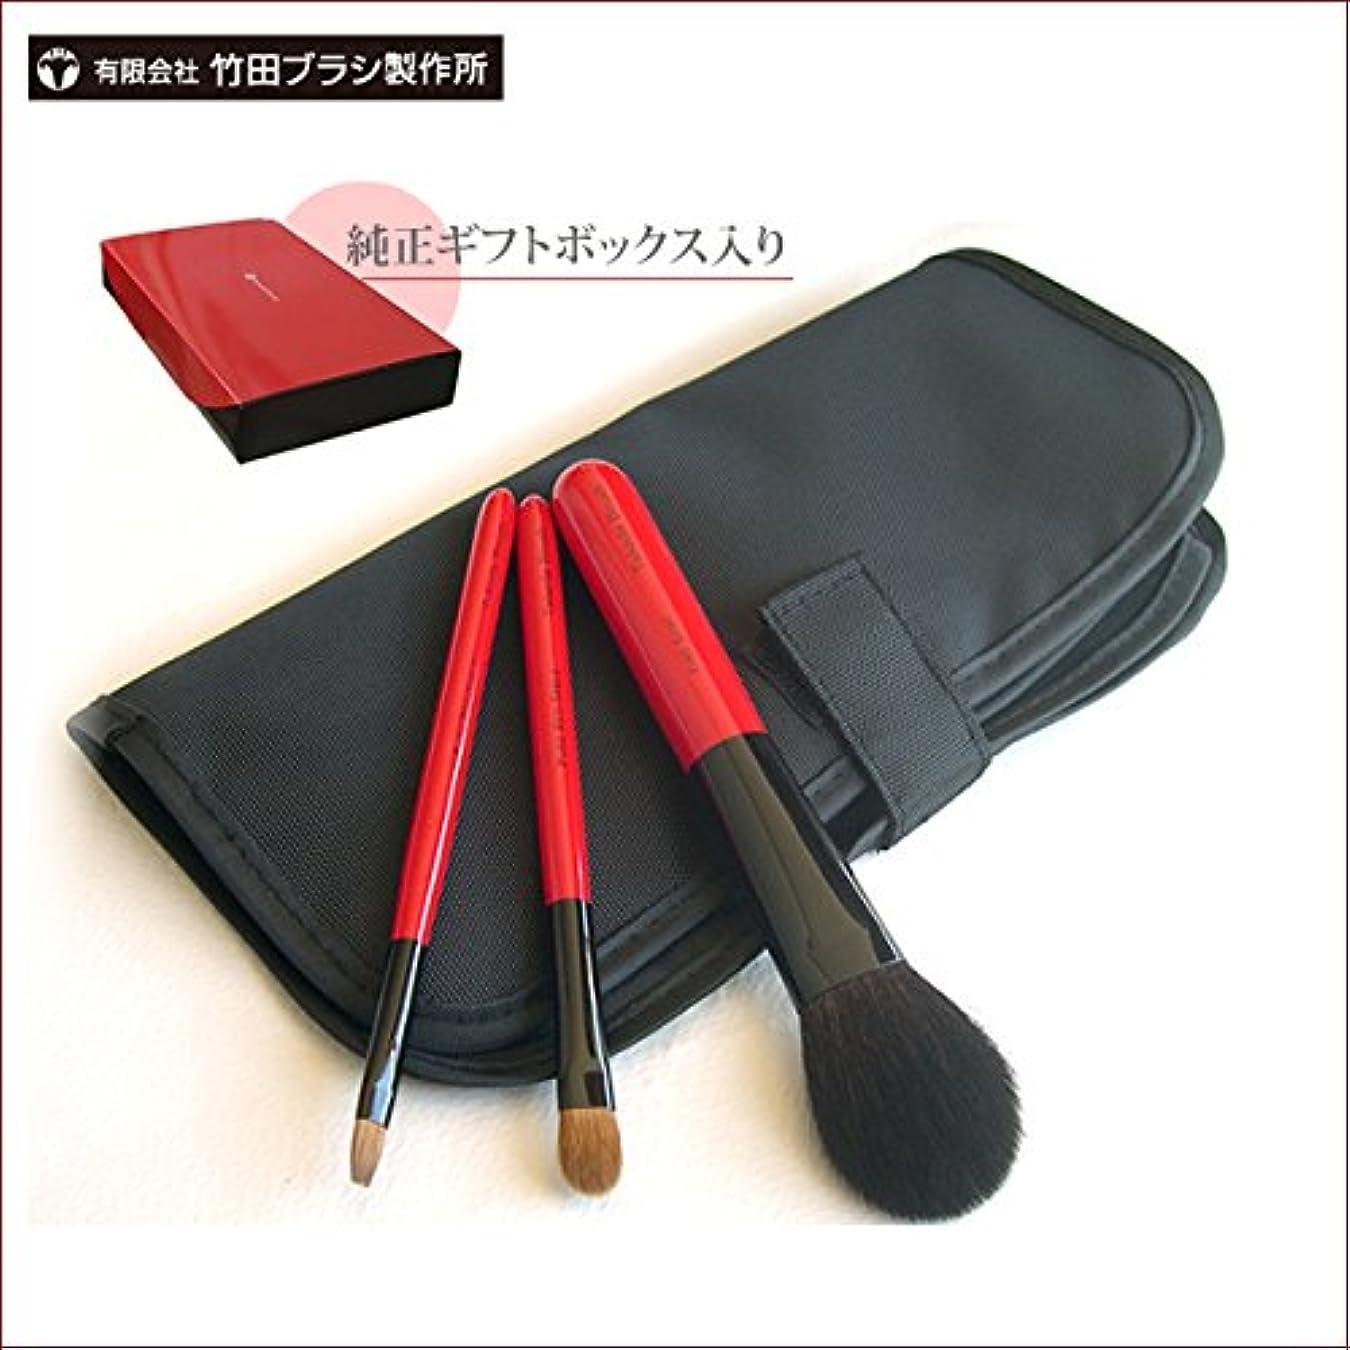 社会学魅惑する理解有限会社竹田ブラシ製作所の熊野化粧筆 特別3本セット (純正ギフトボックス入り)